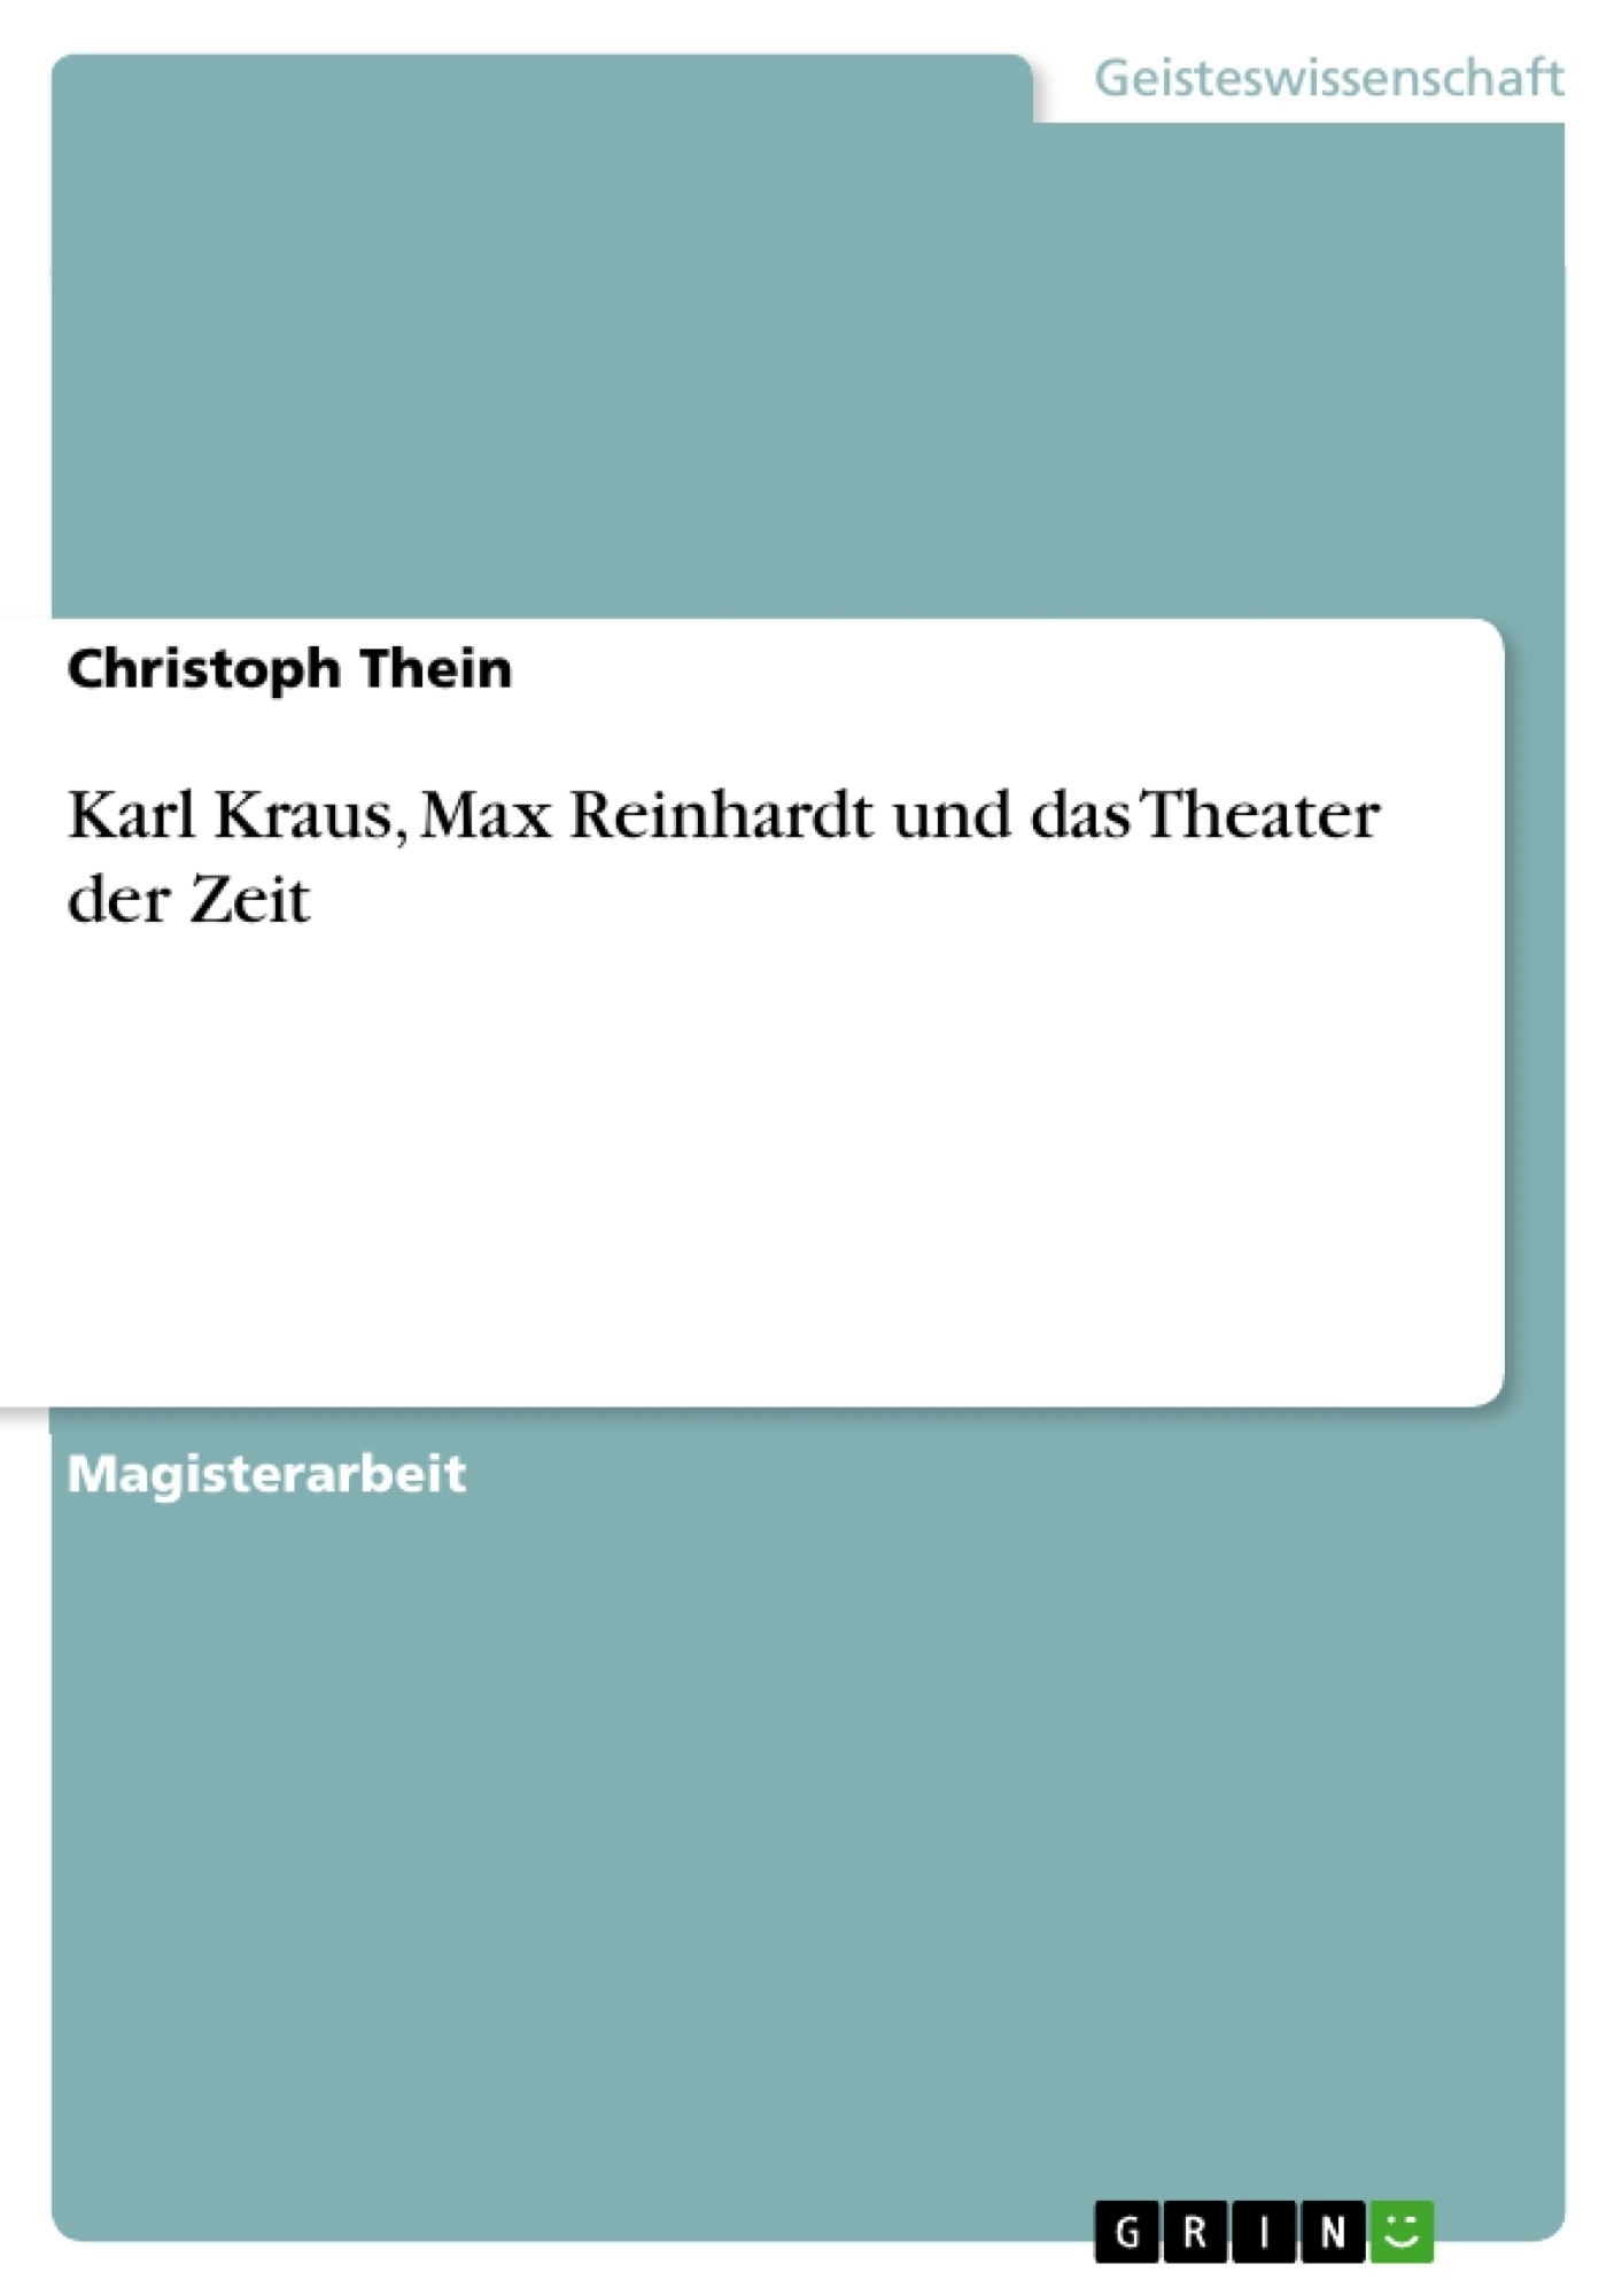 Titel: Karl Kraus, Max Reinhardt und das Theater der Zeit